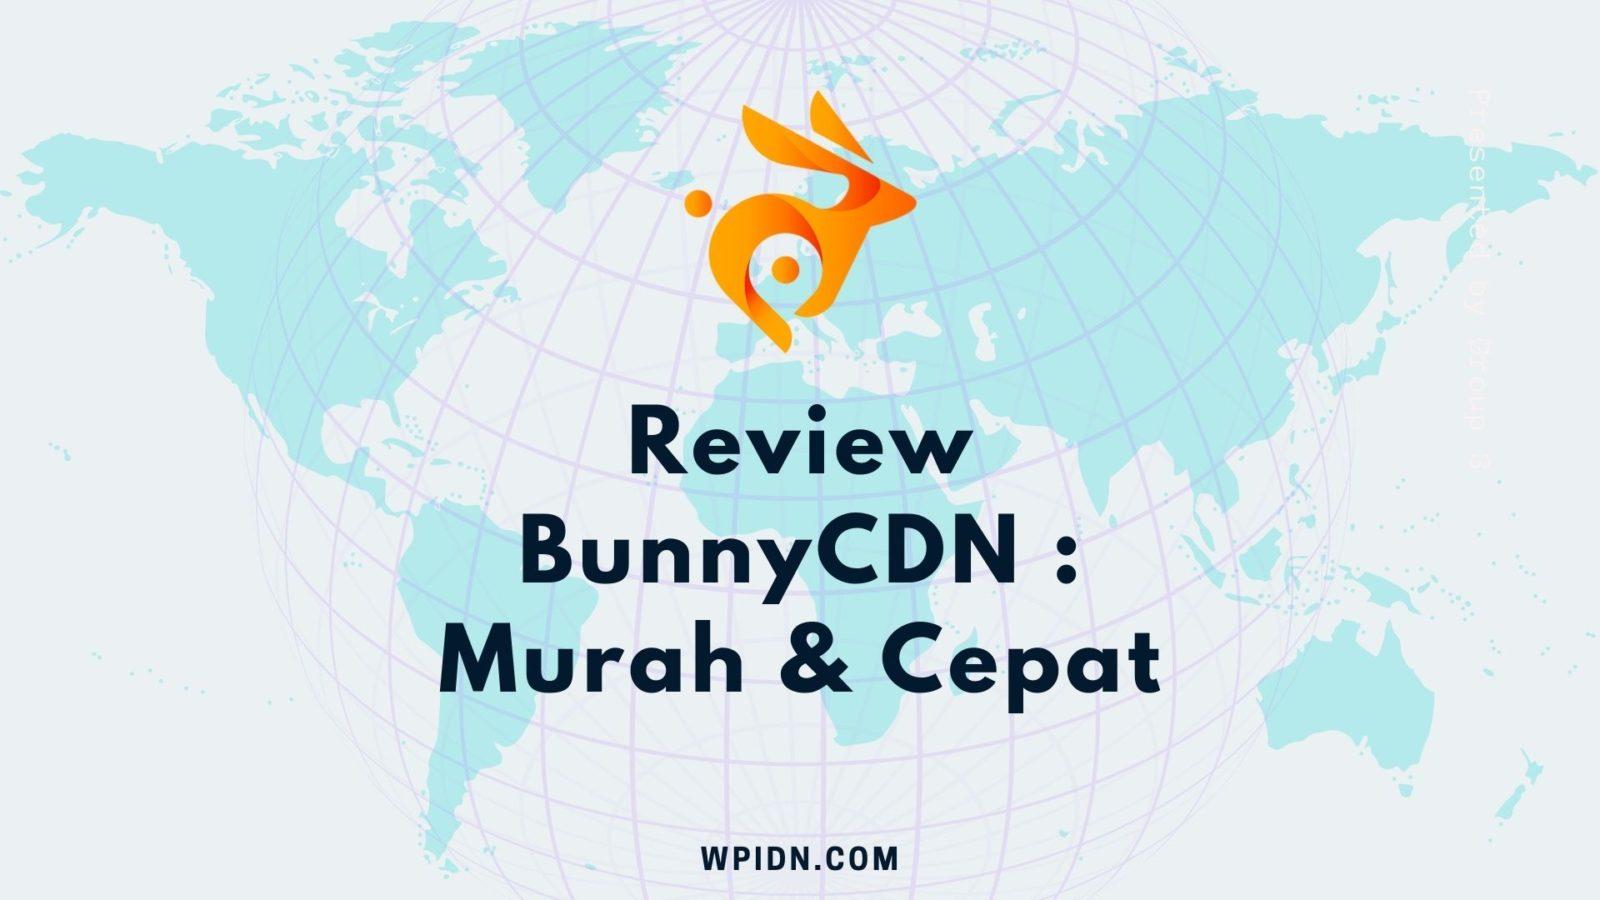 Review BunnyCDN - Murah, Cepat, dan Simpel